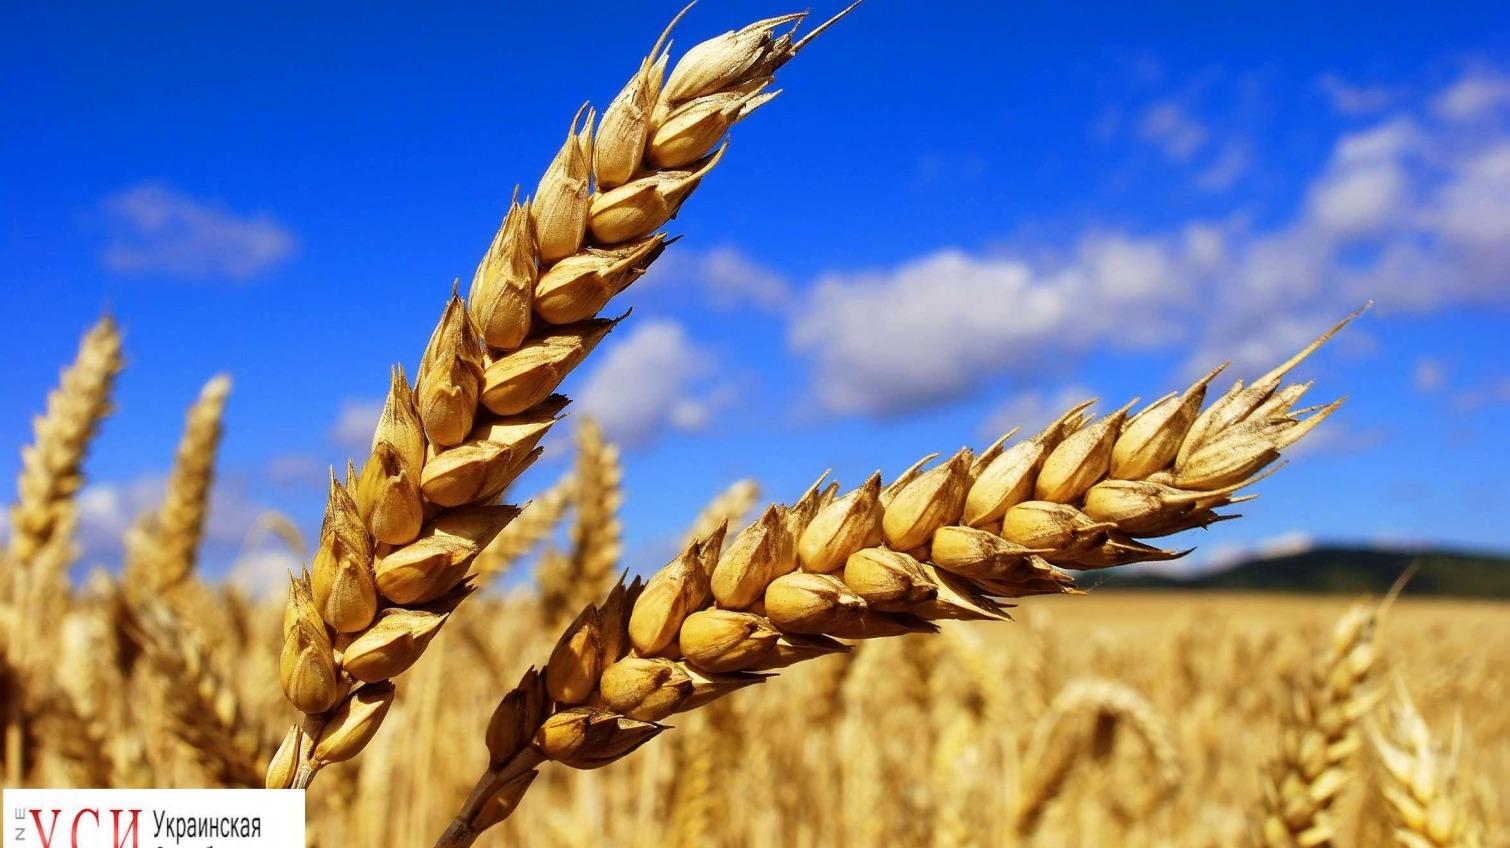 В Одесской области не хватает комбайнов, чтобы собрать урожай зерновых «фото»